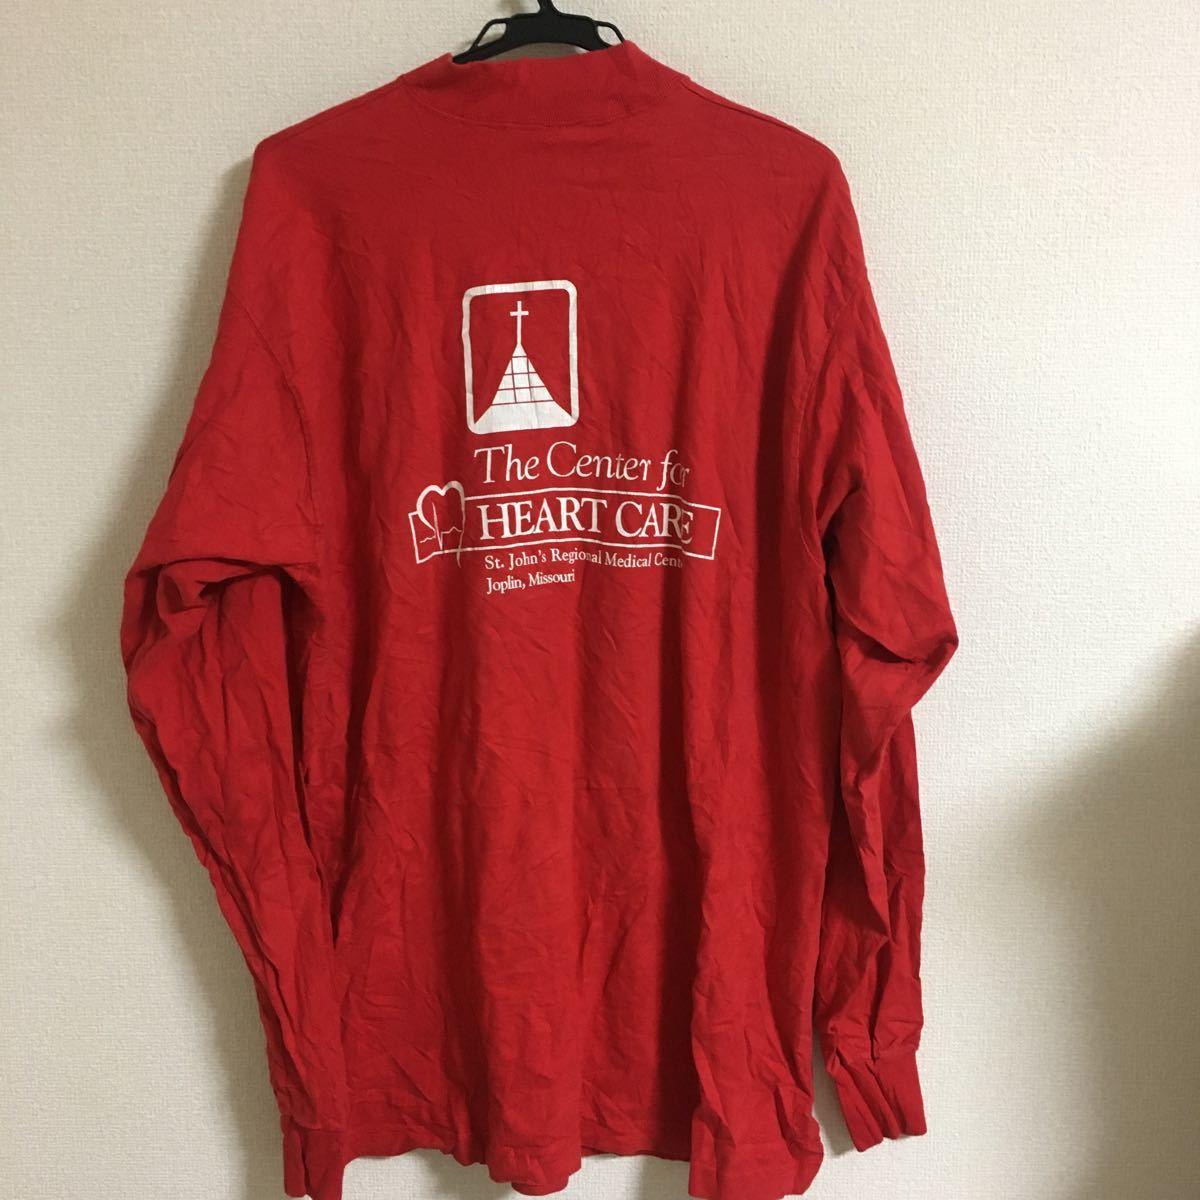 FRUIT OF THE LOOM フルーツオブザルーム ロゴ プリント 長袖 Tシャツ 赤 アメカジ XL 大きいサイズ